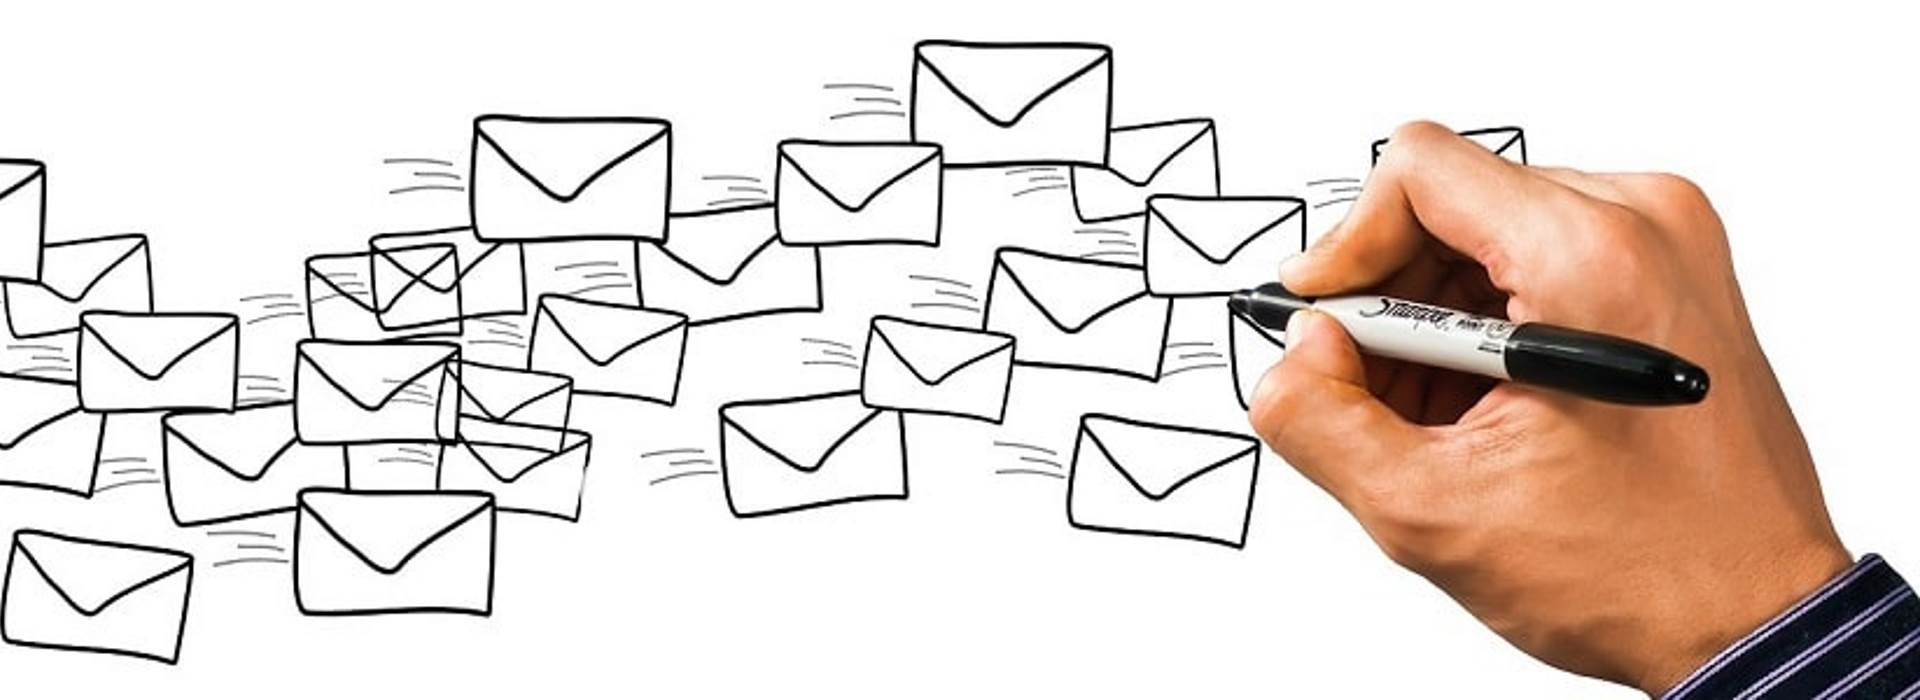 E Mail Bewerbung Schreiben Tipps Und Beispiele